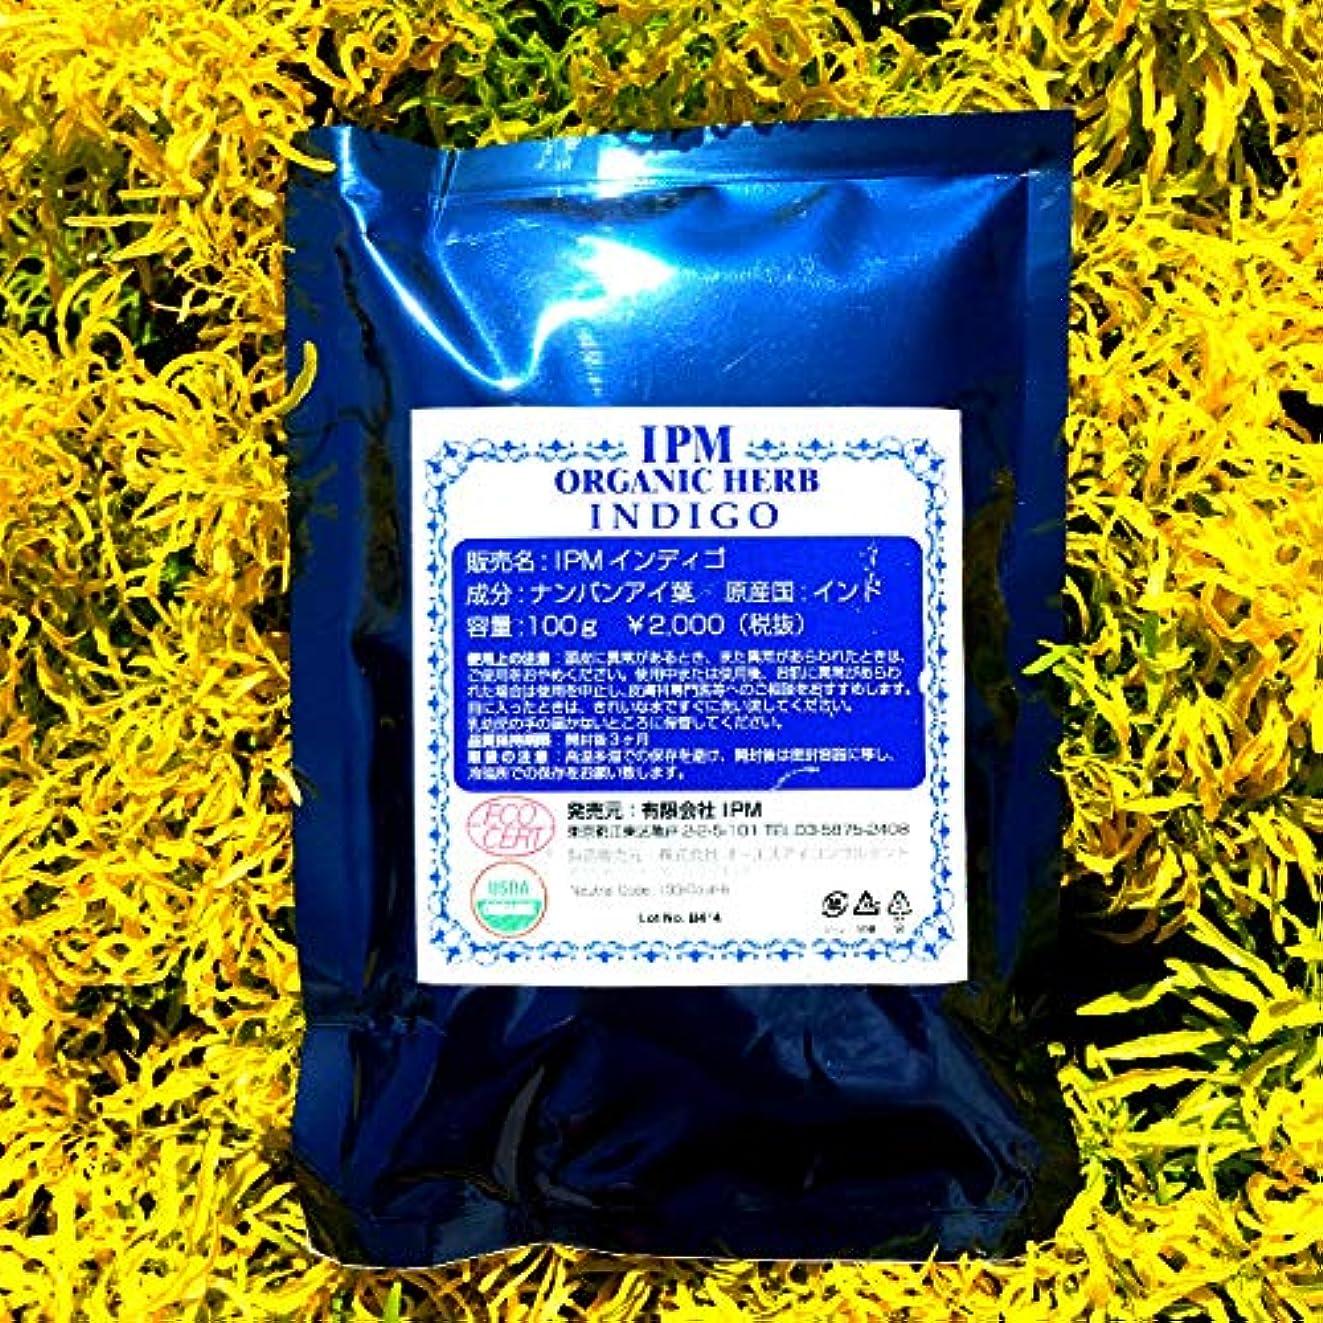 憂慮すべきミトン保険IPM インディゴ 100g (リーフレットつき)